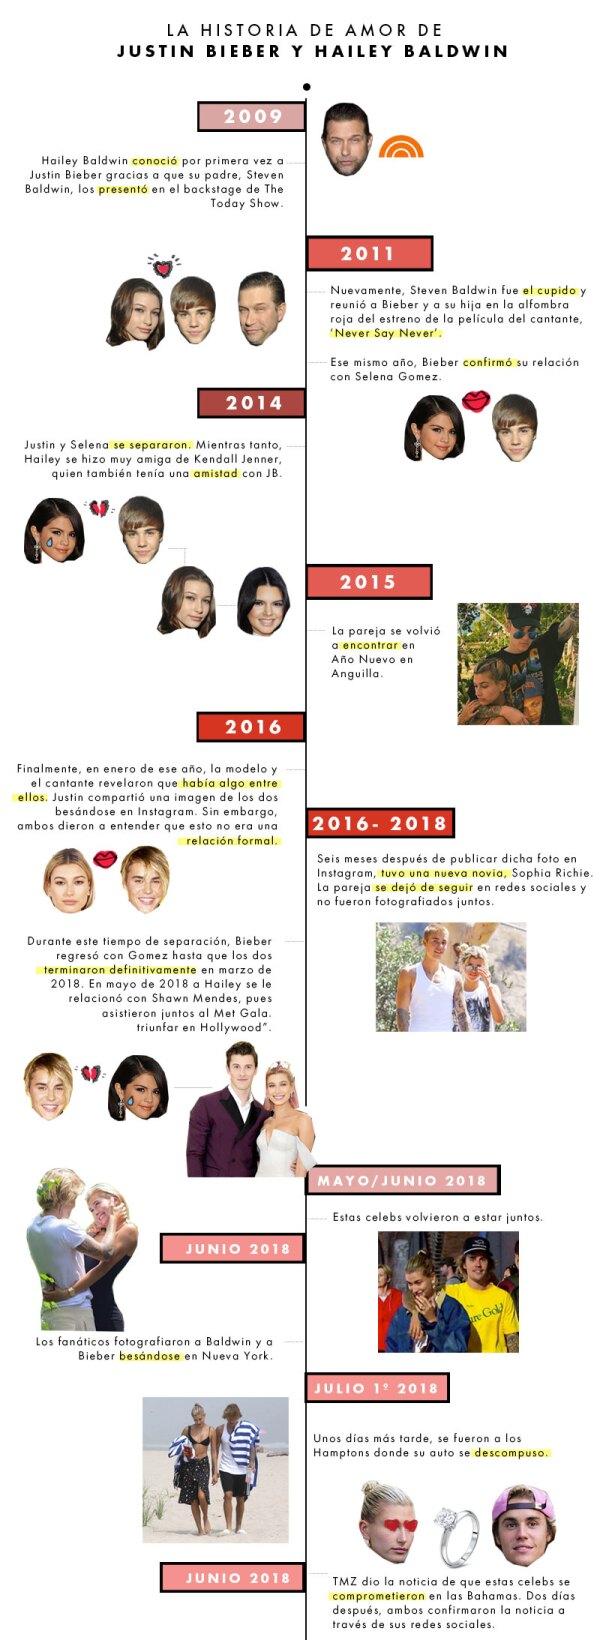 La historia de amor de Hailey Baldwin y Justin Bieber.